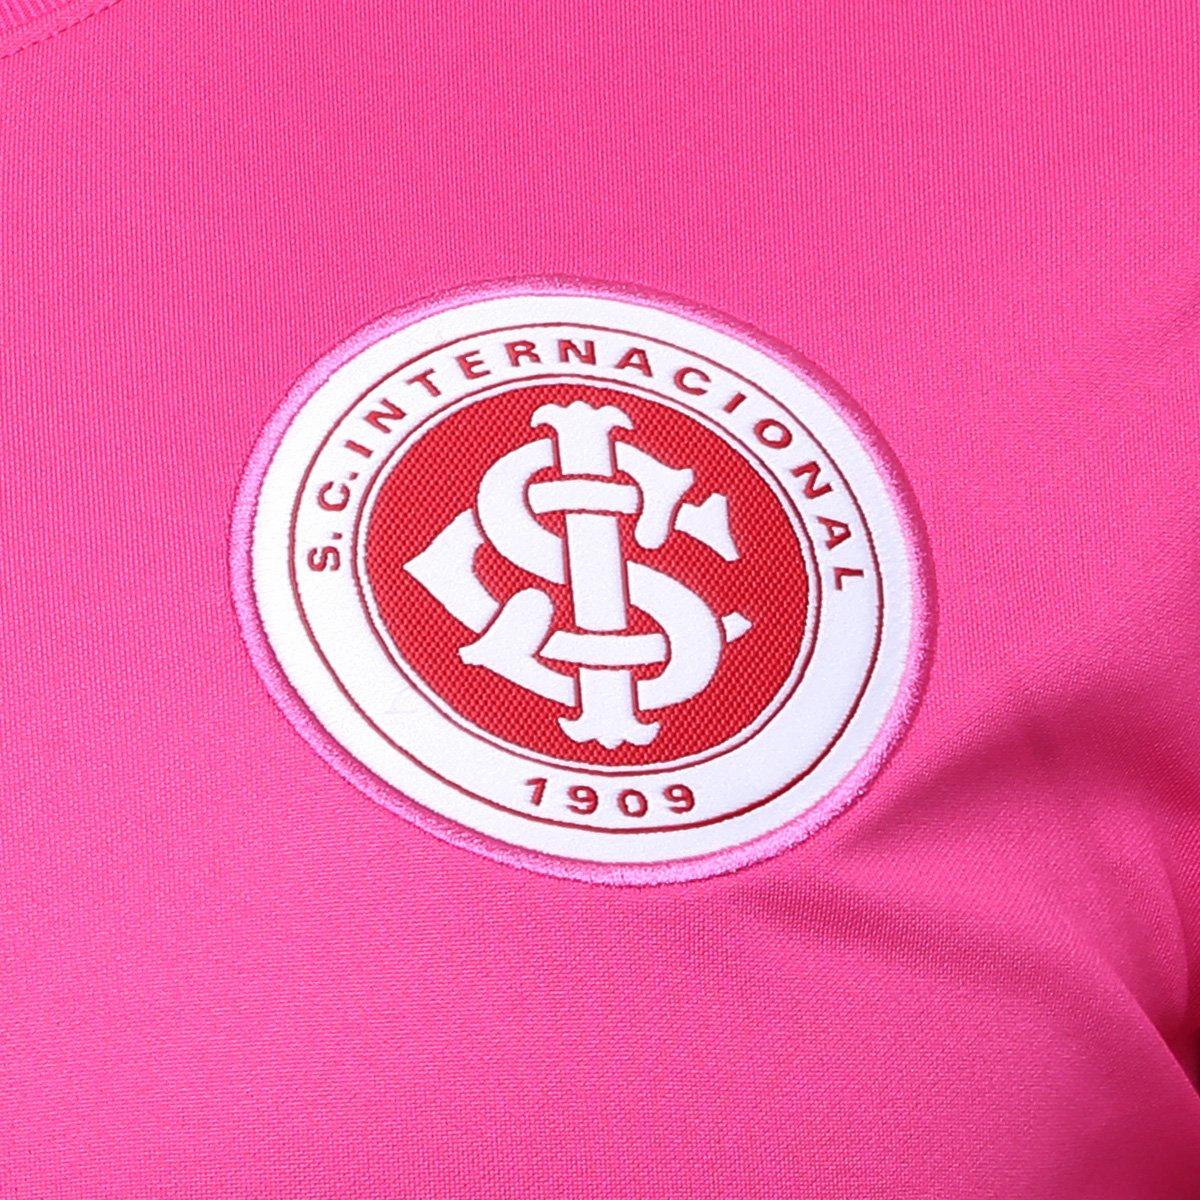 bcc6d17fb5 Camisa Internacional Outubro Rosa Nike Masculina - Rosa e Chumbo ...